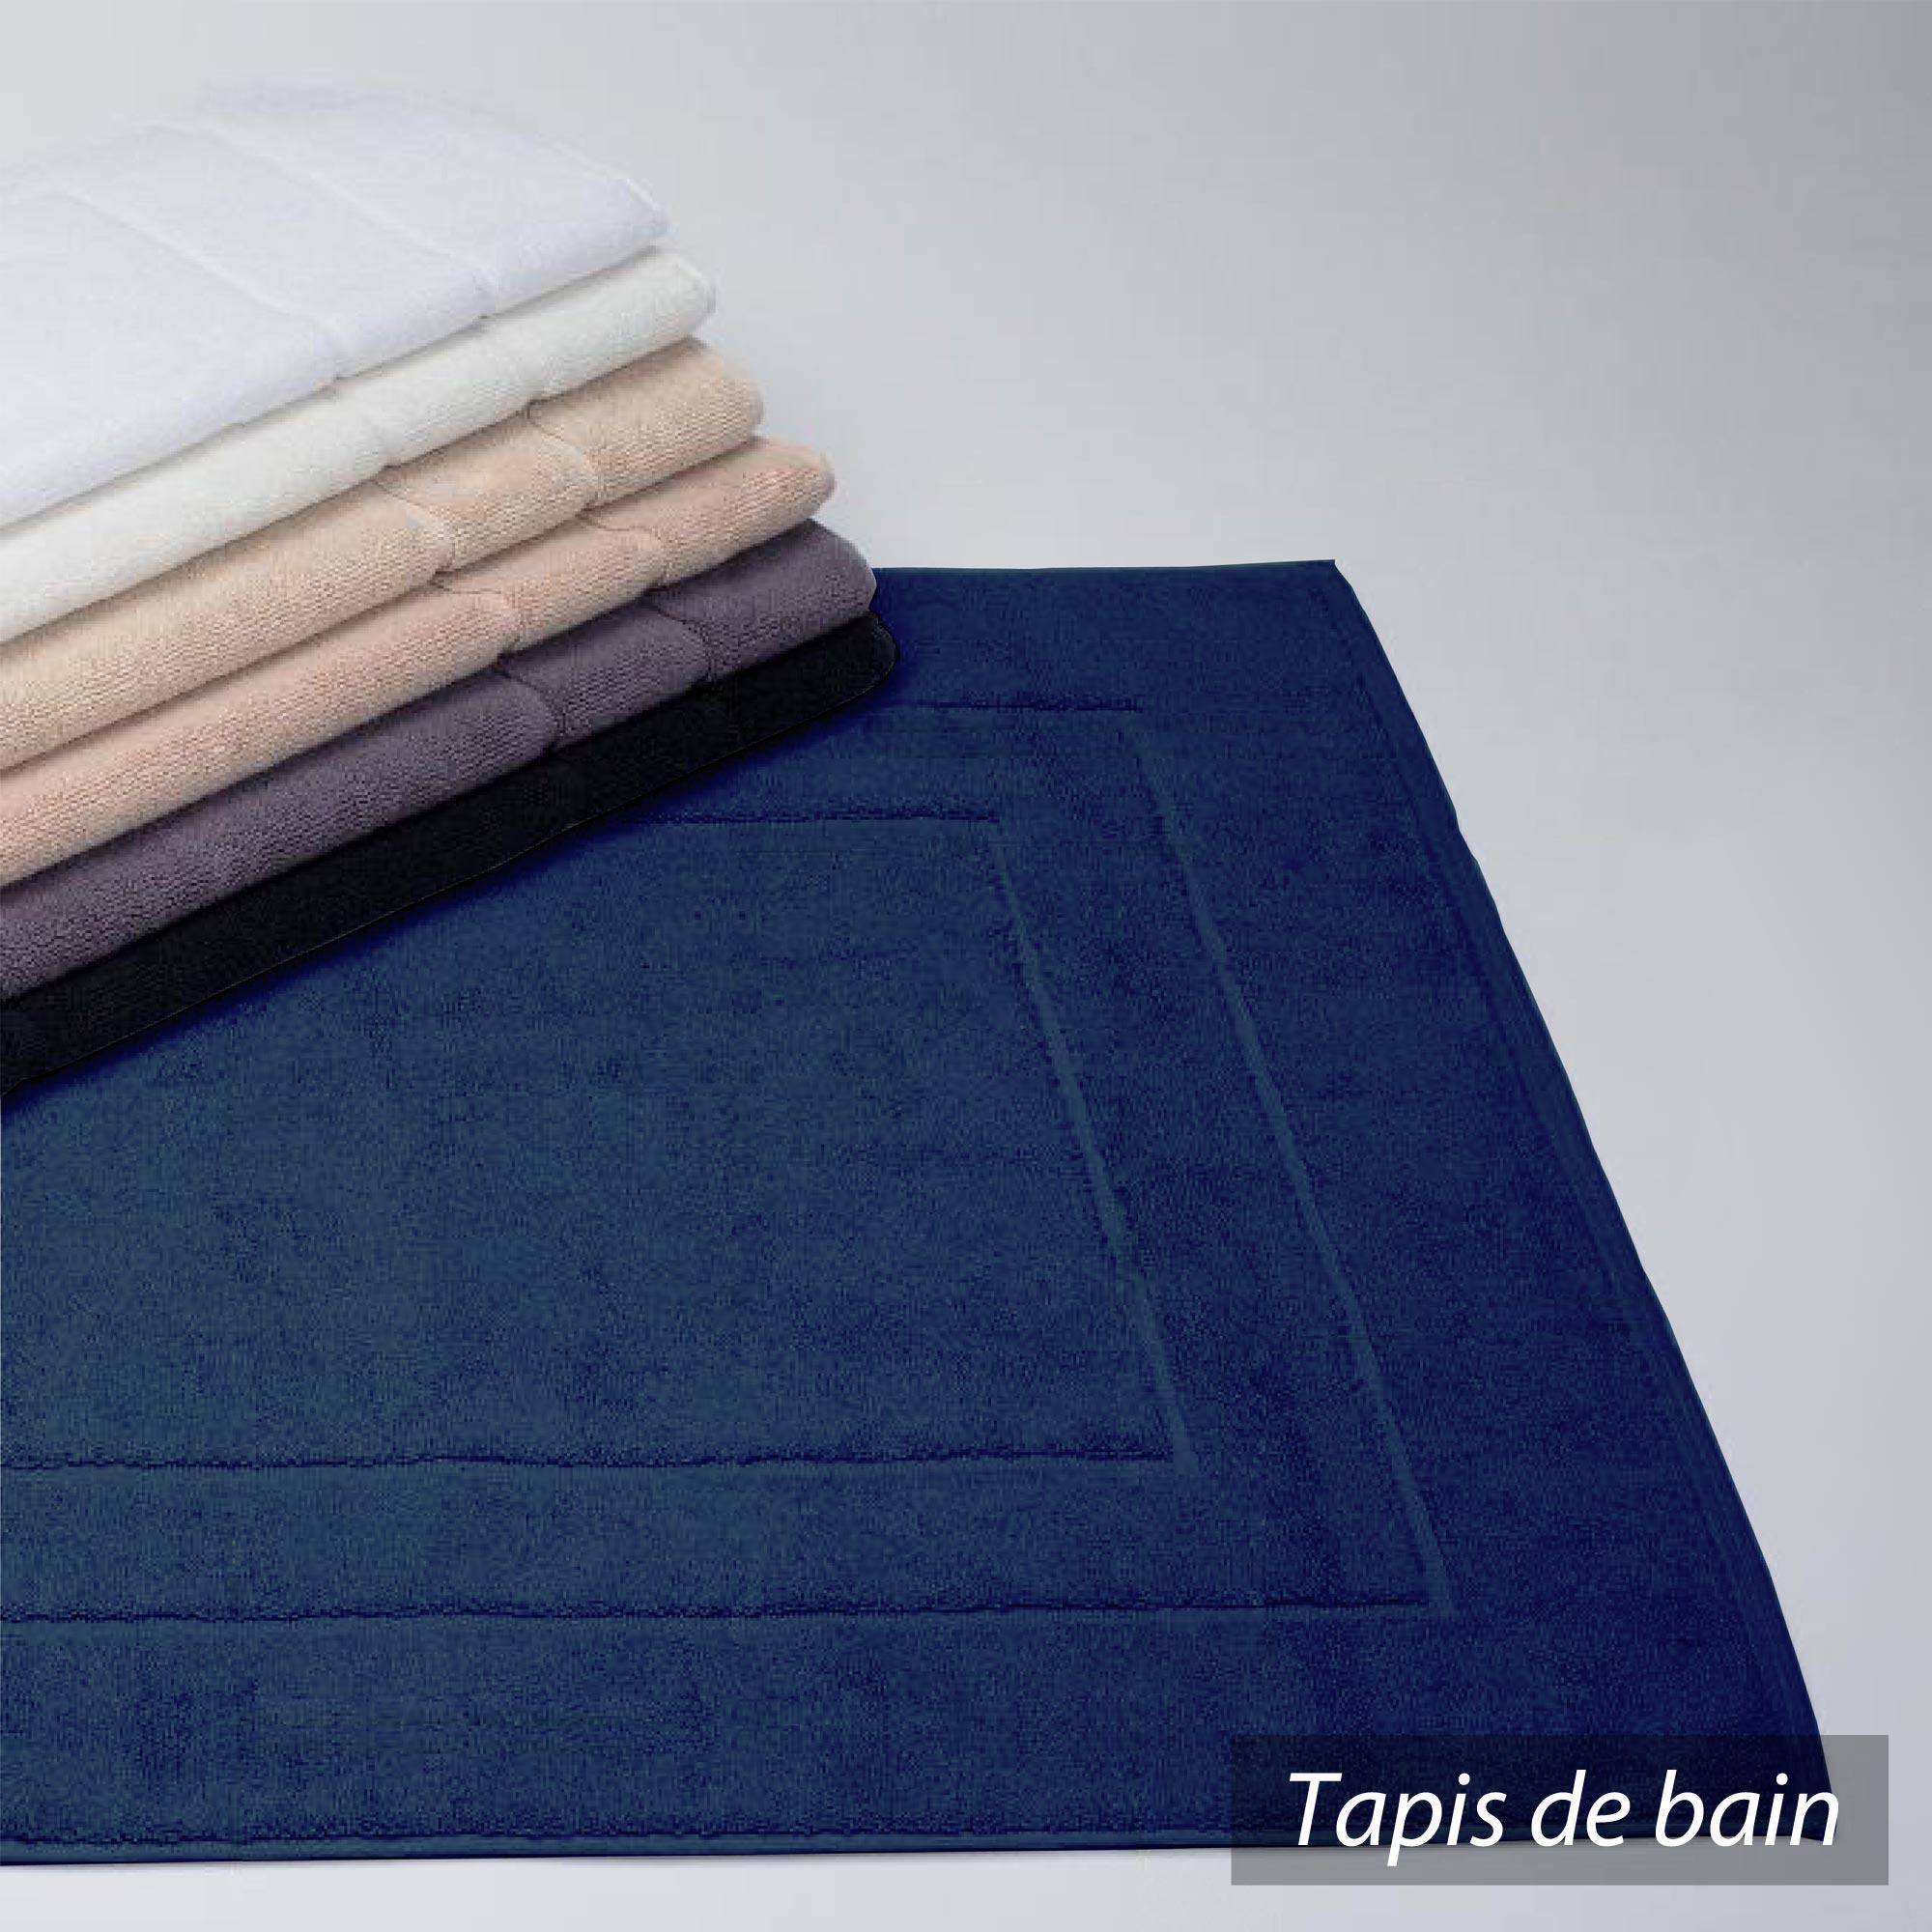 Cat gorie tapi salle de bain page 11 du guide et - Tapis bleu marine ikea ...